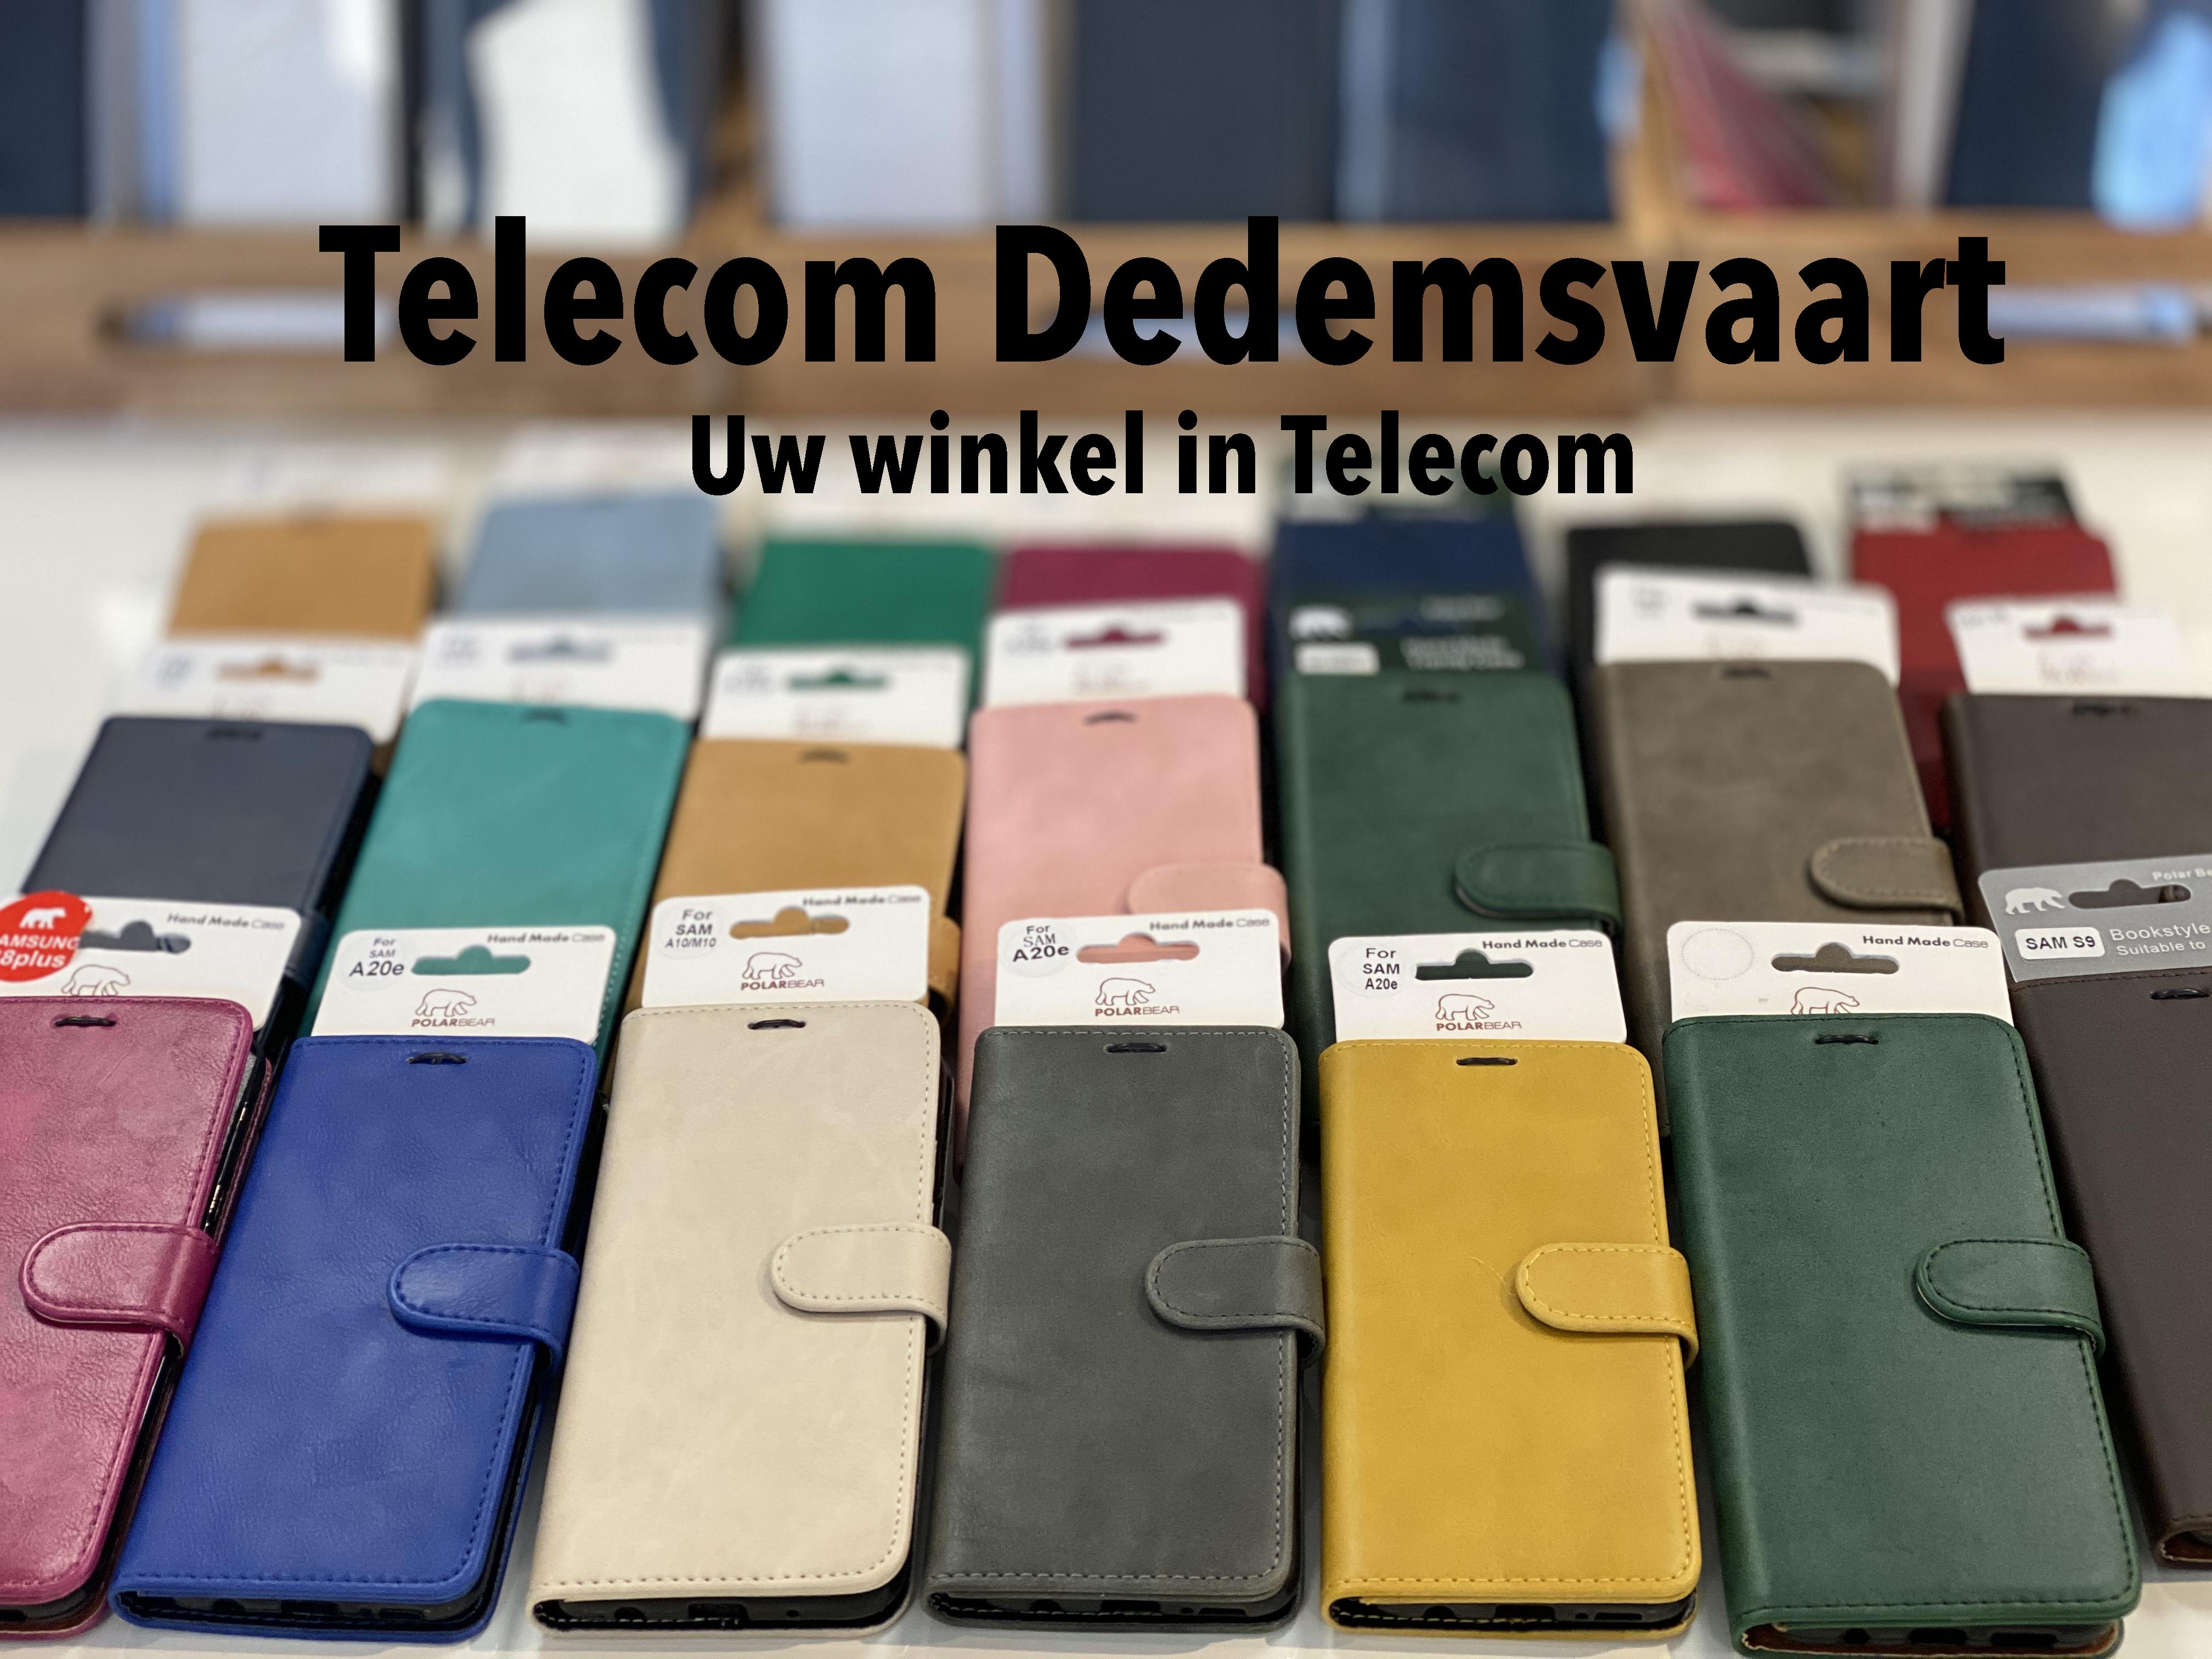 Telecom Dedemsvaart